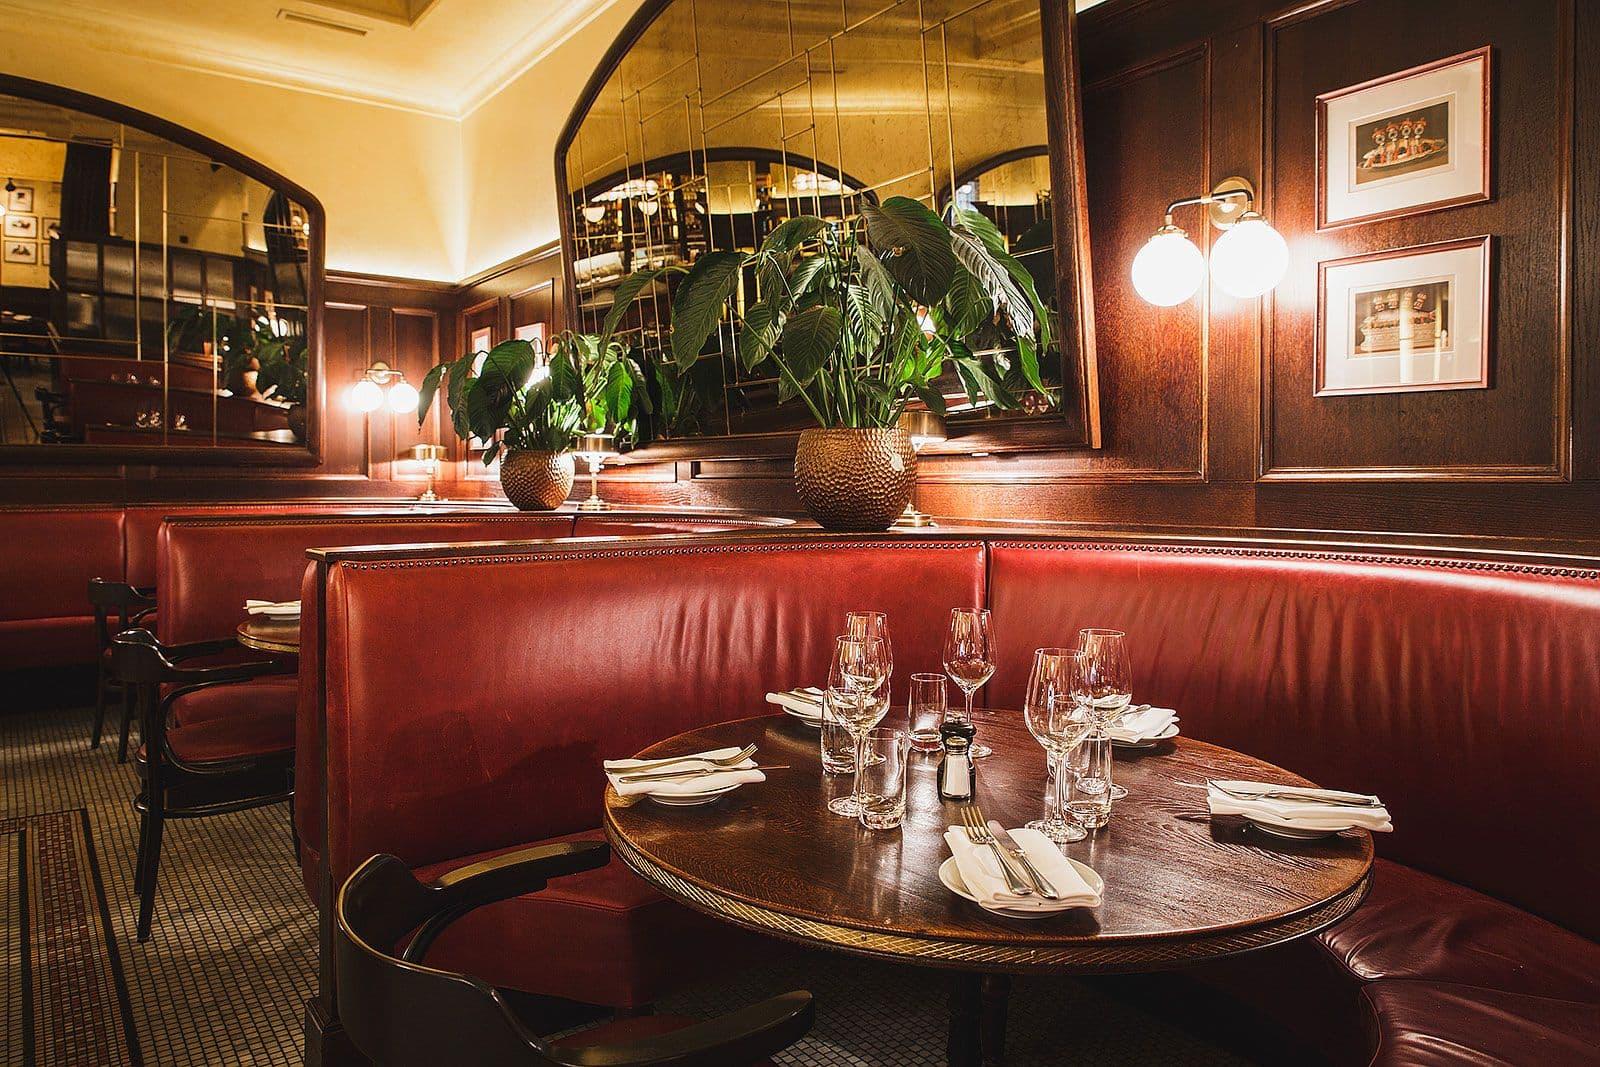 v u00e4ldesignade restauranger med coola koncept i stockholm